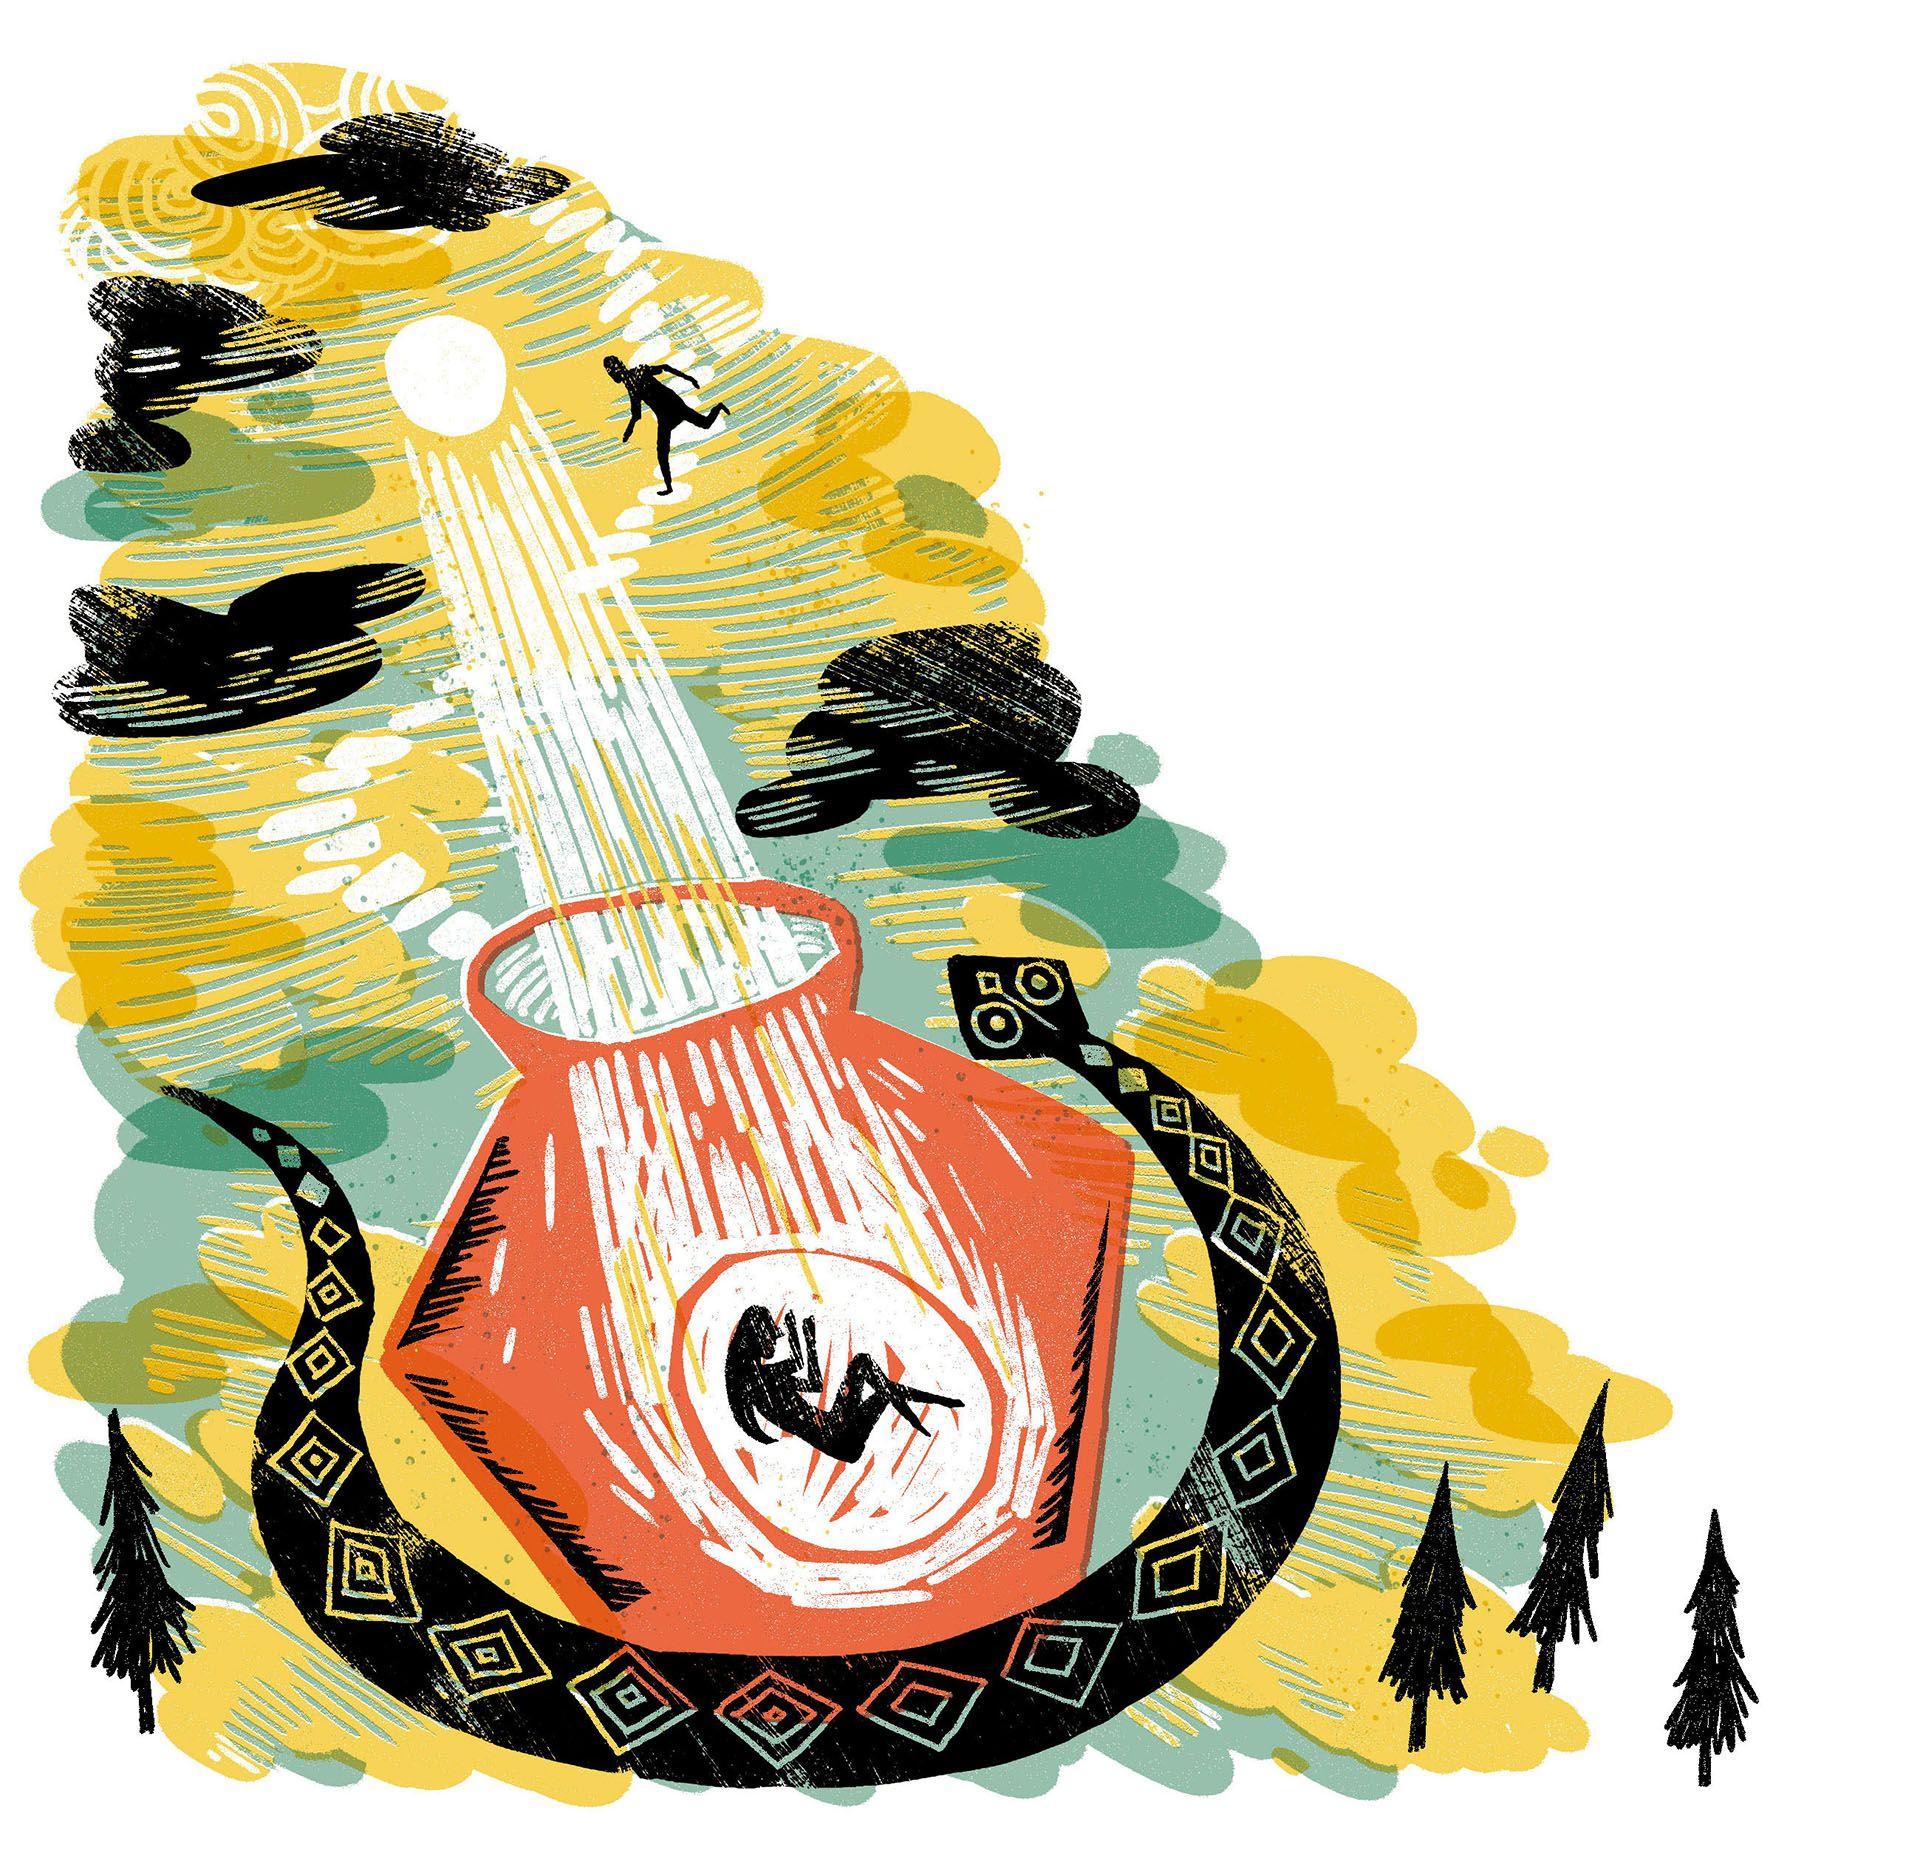 泰雅族原住民神話故事『石生』 - Google 搜尋